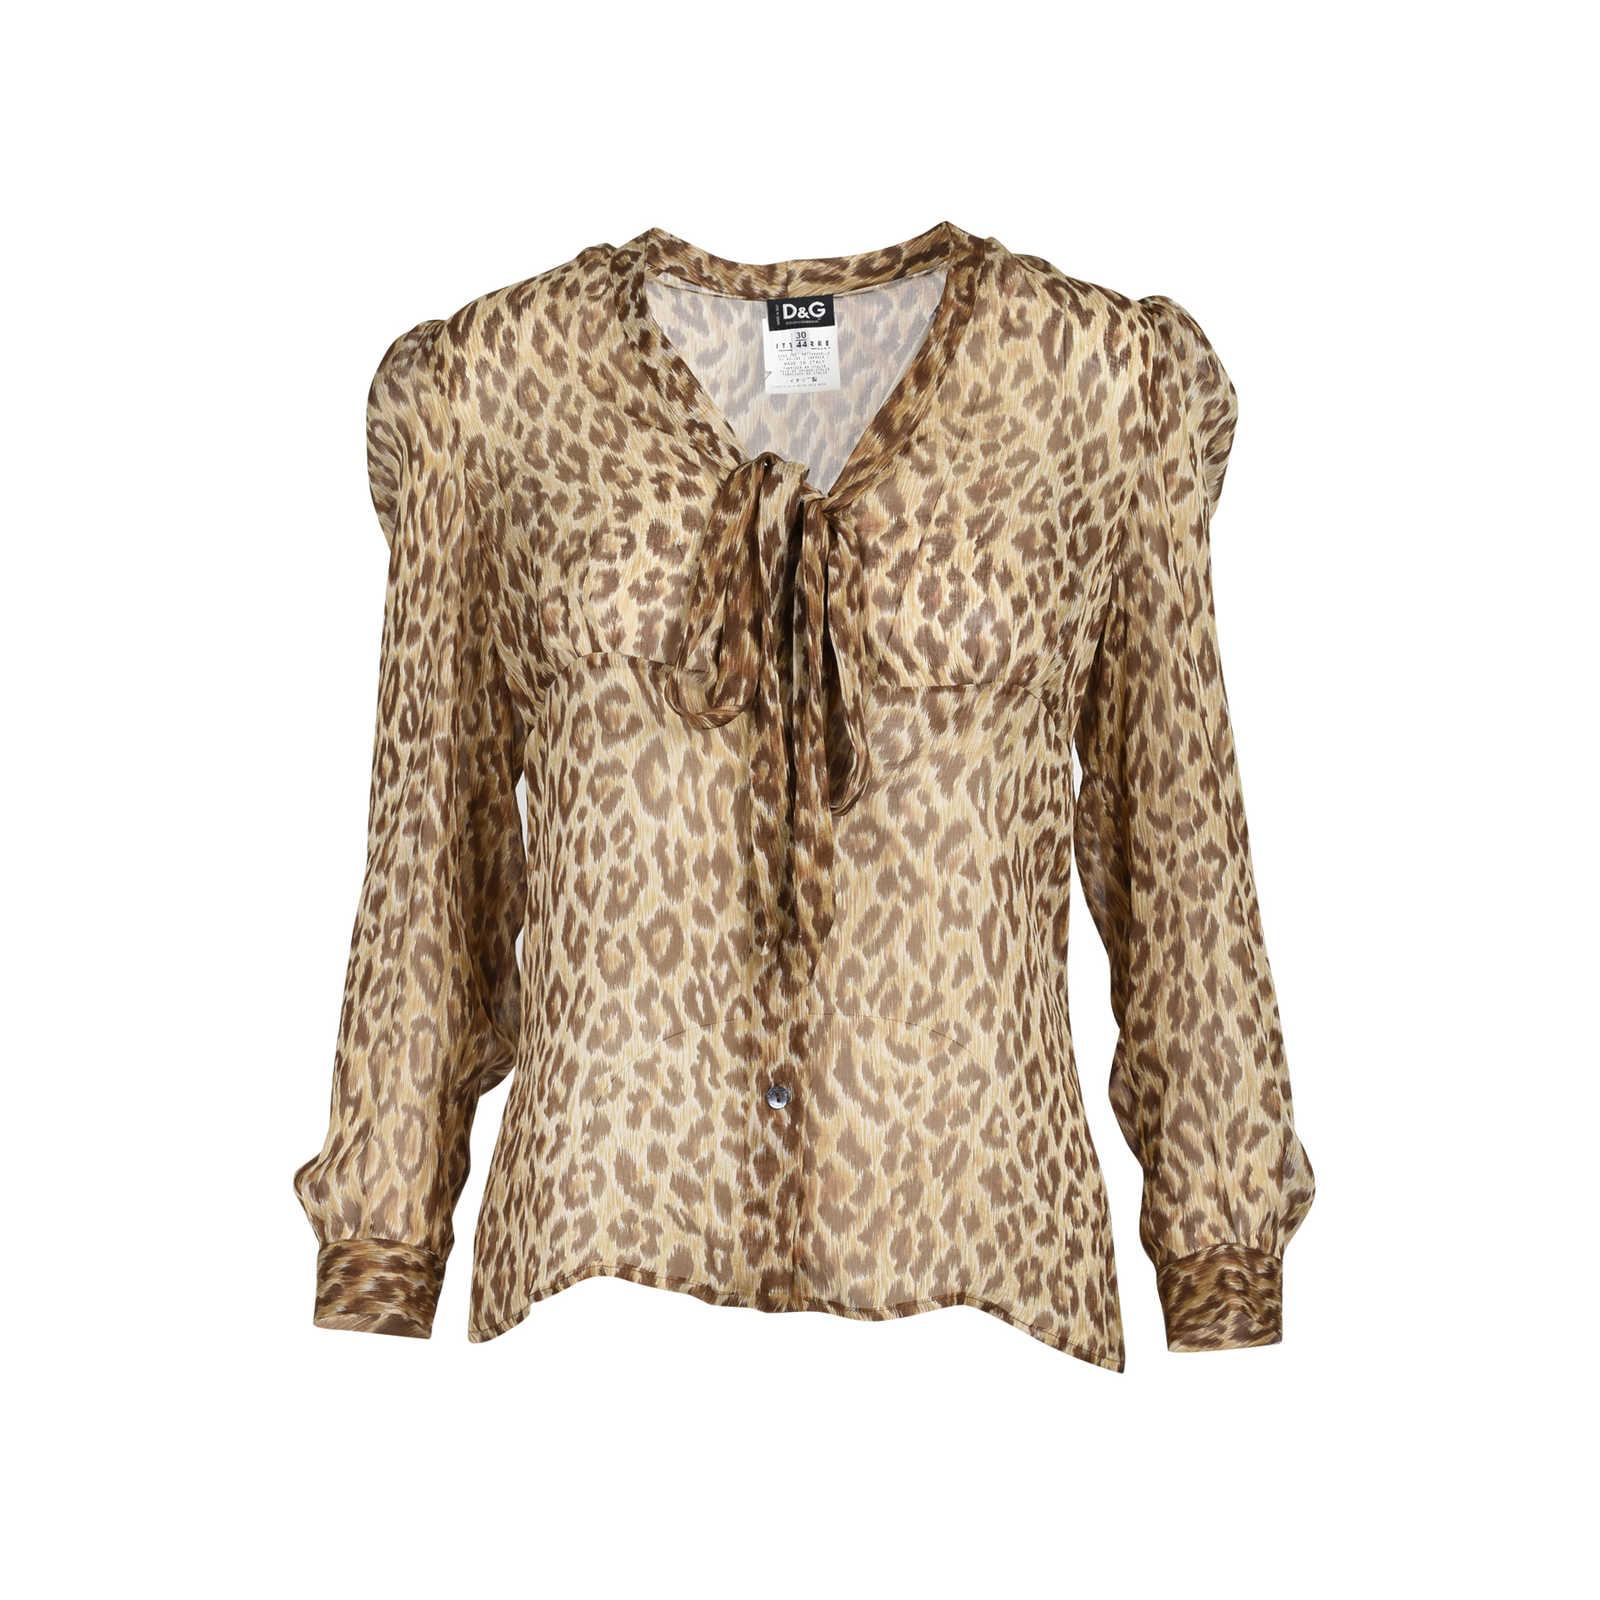 Sheer animalsnake skin print blouse